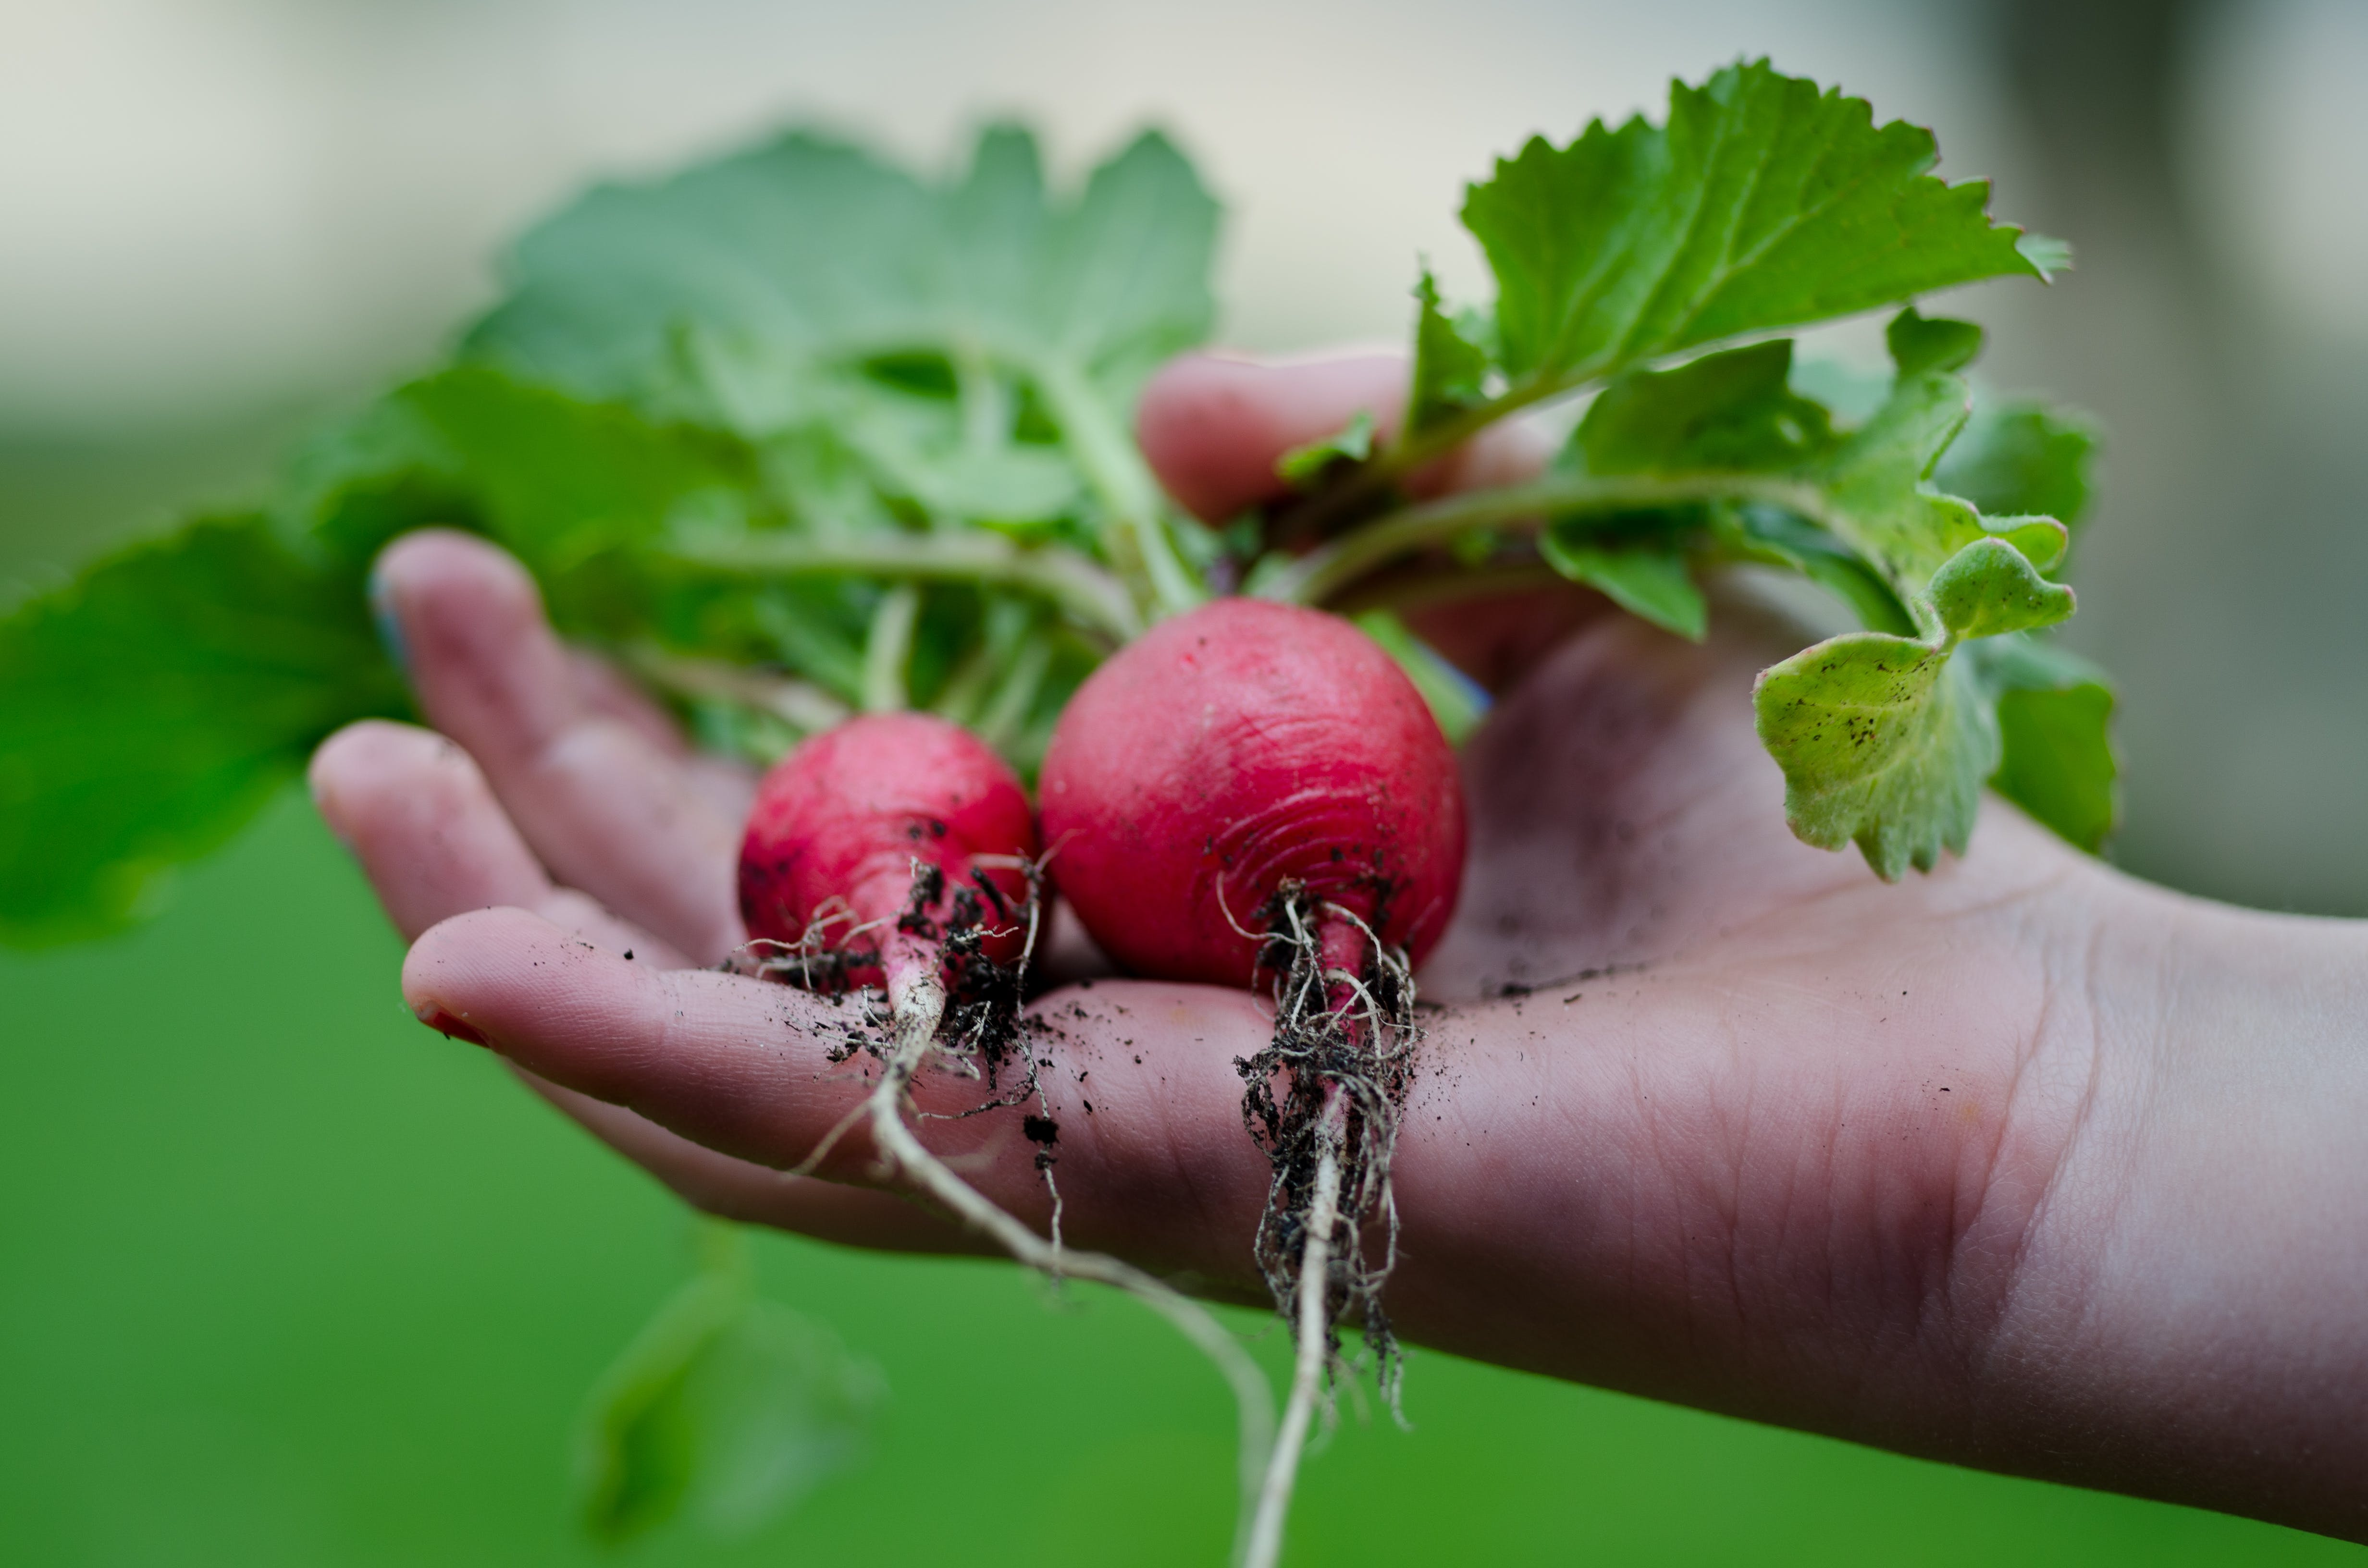 gardening, hand, harvest